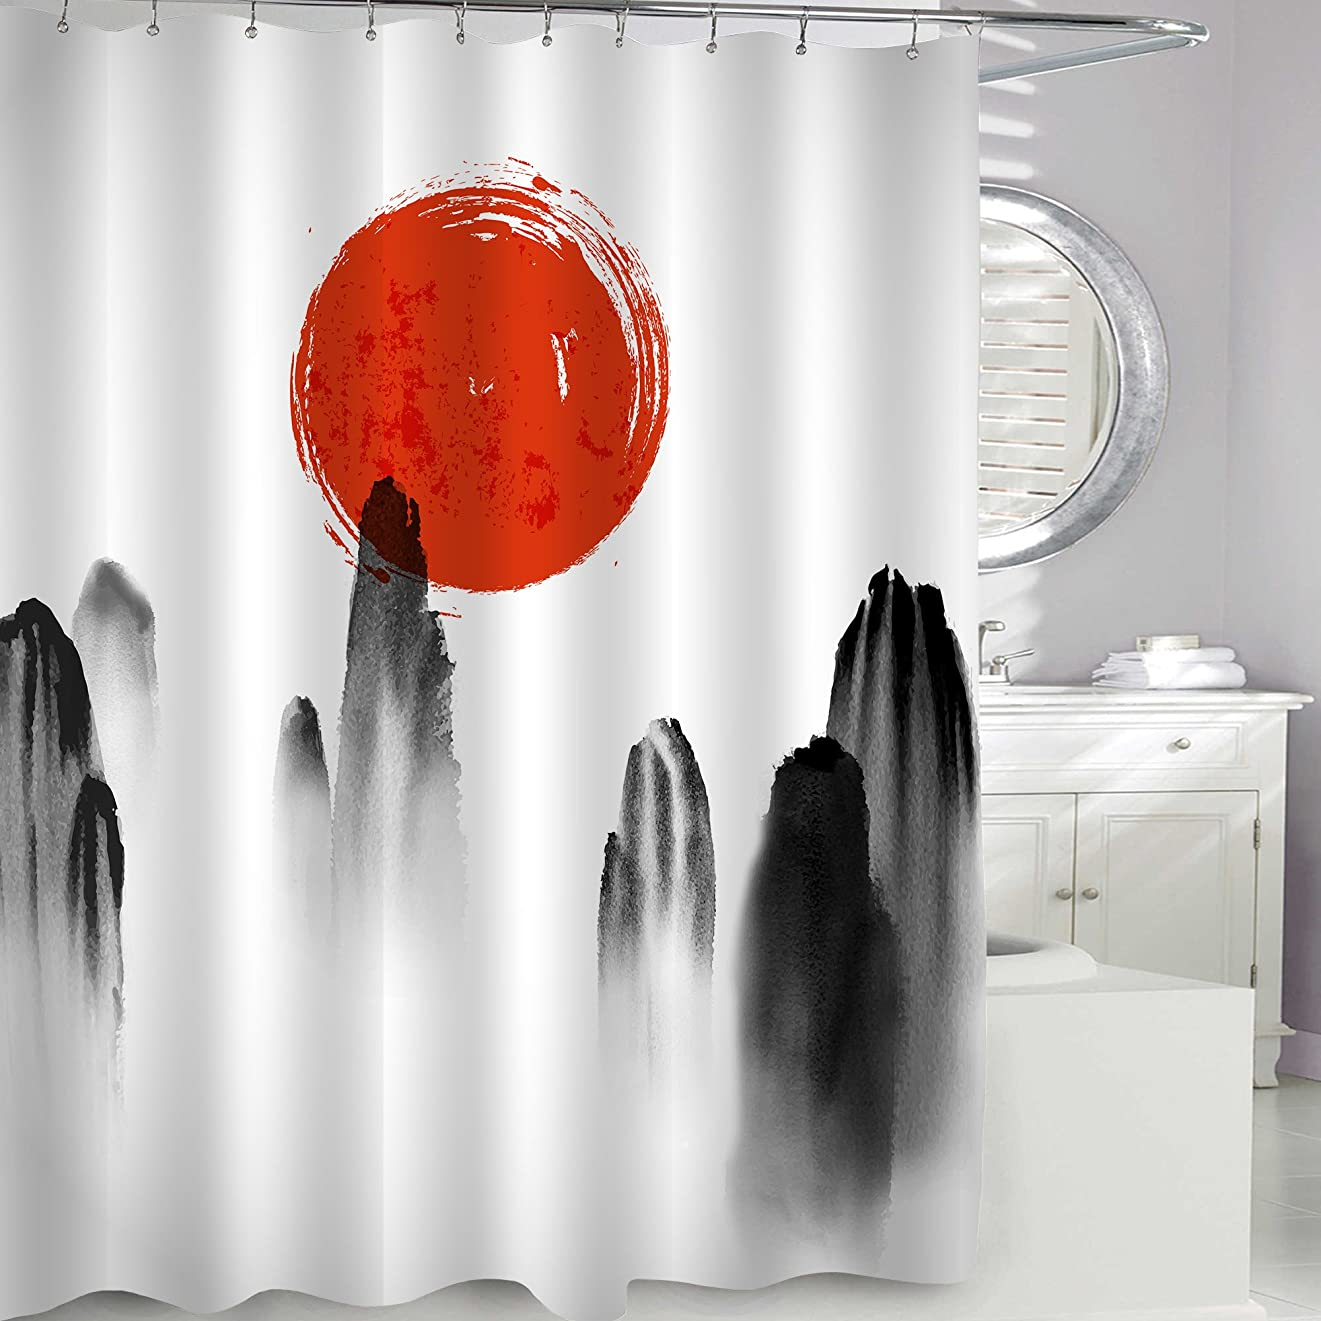 染料ジャンルクモMitoVilla 高級 シャワー カーテン 赤い太陽 山峰 和風 バスルーム カーテン おしゃれ 綺麗 浴室 防水 防カビ加工 洗面所 間仕切り 目隠し用 取付簡単 150×180 cm